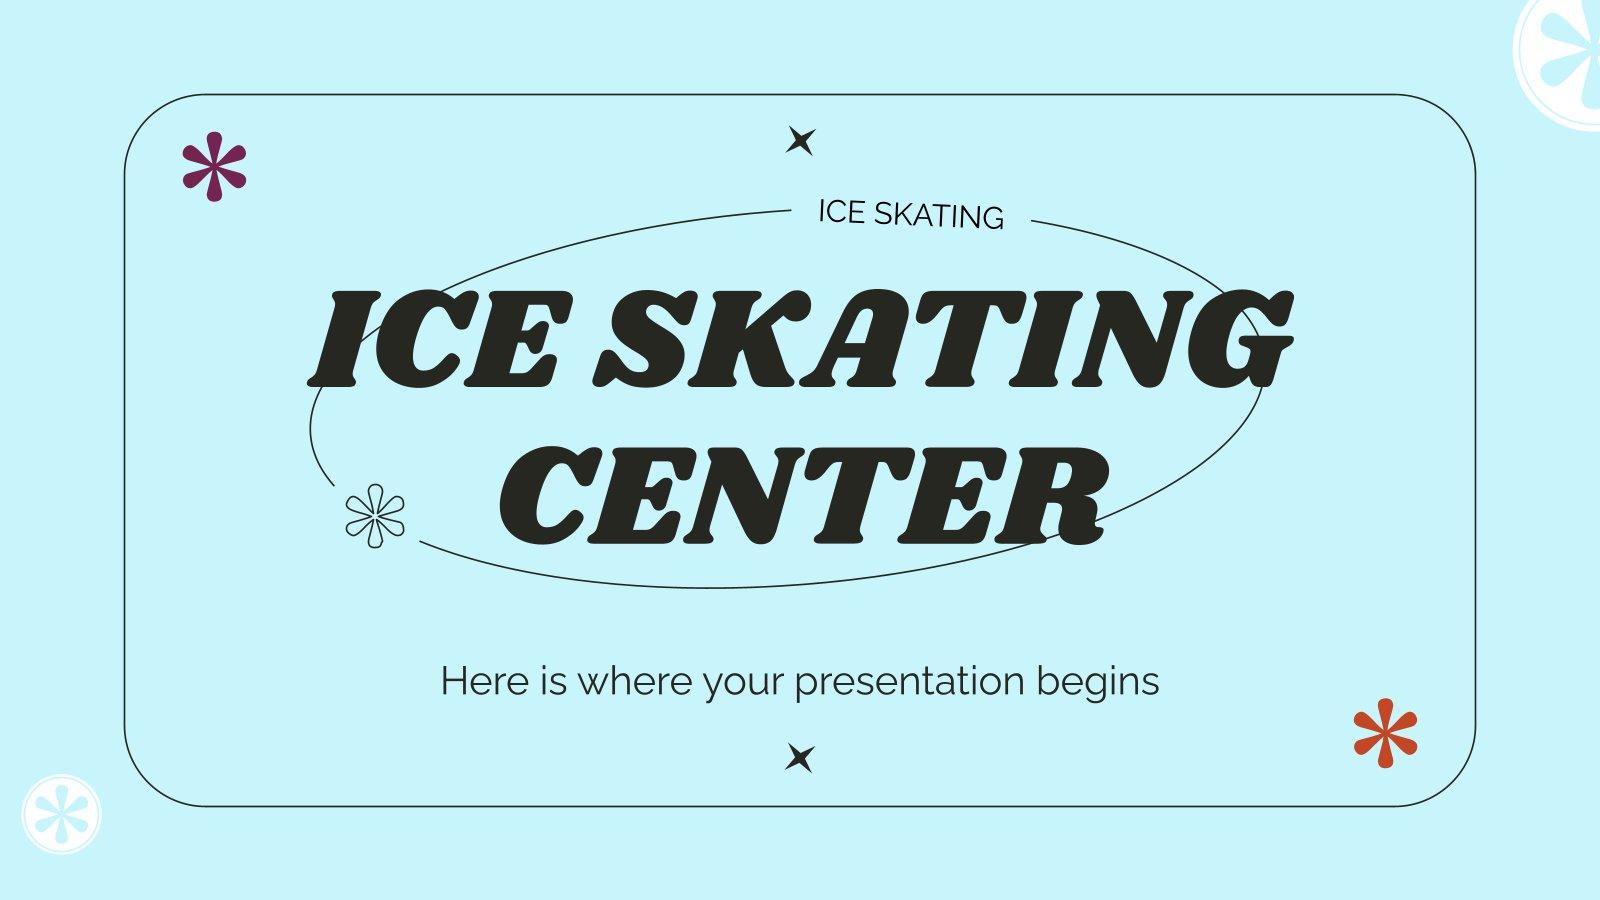 Centre de patinage sur glace : Modèles de présentation